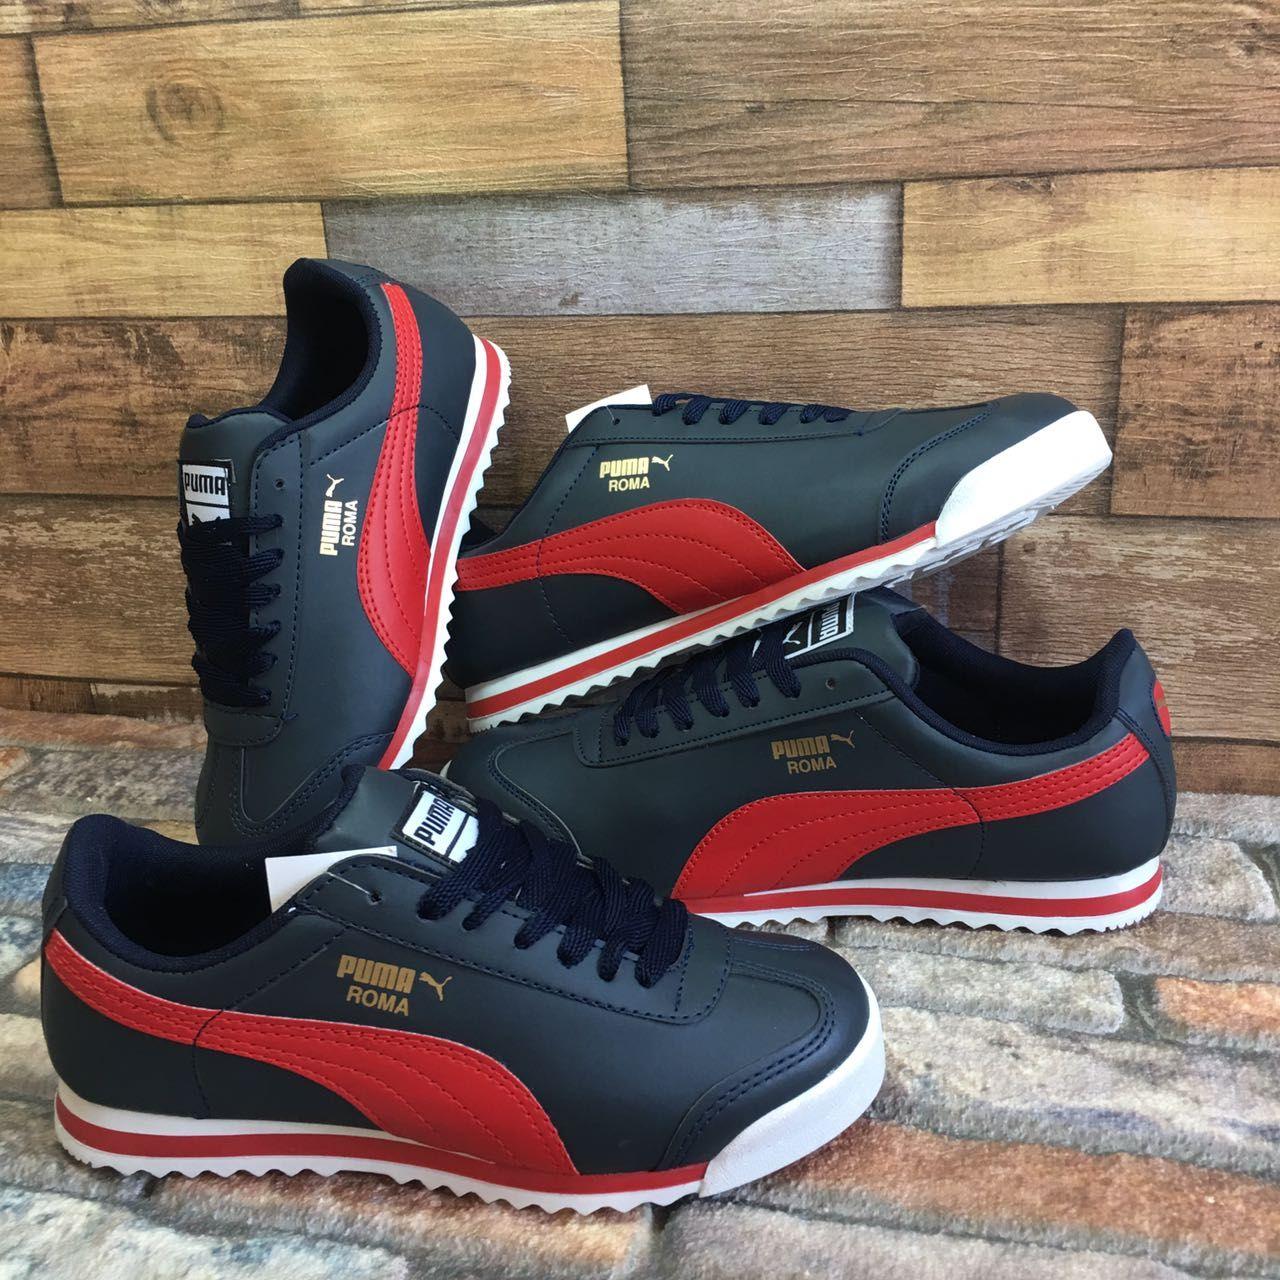 Puma Roma Basic Siyah Kırmızı Günlük Spor Ayakkabı Kadın-Erkek